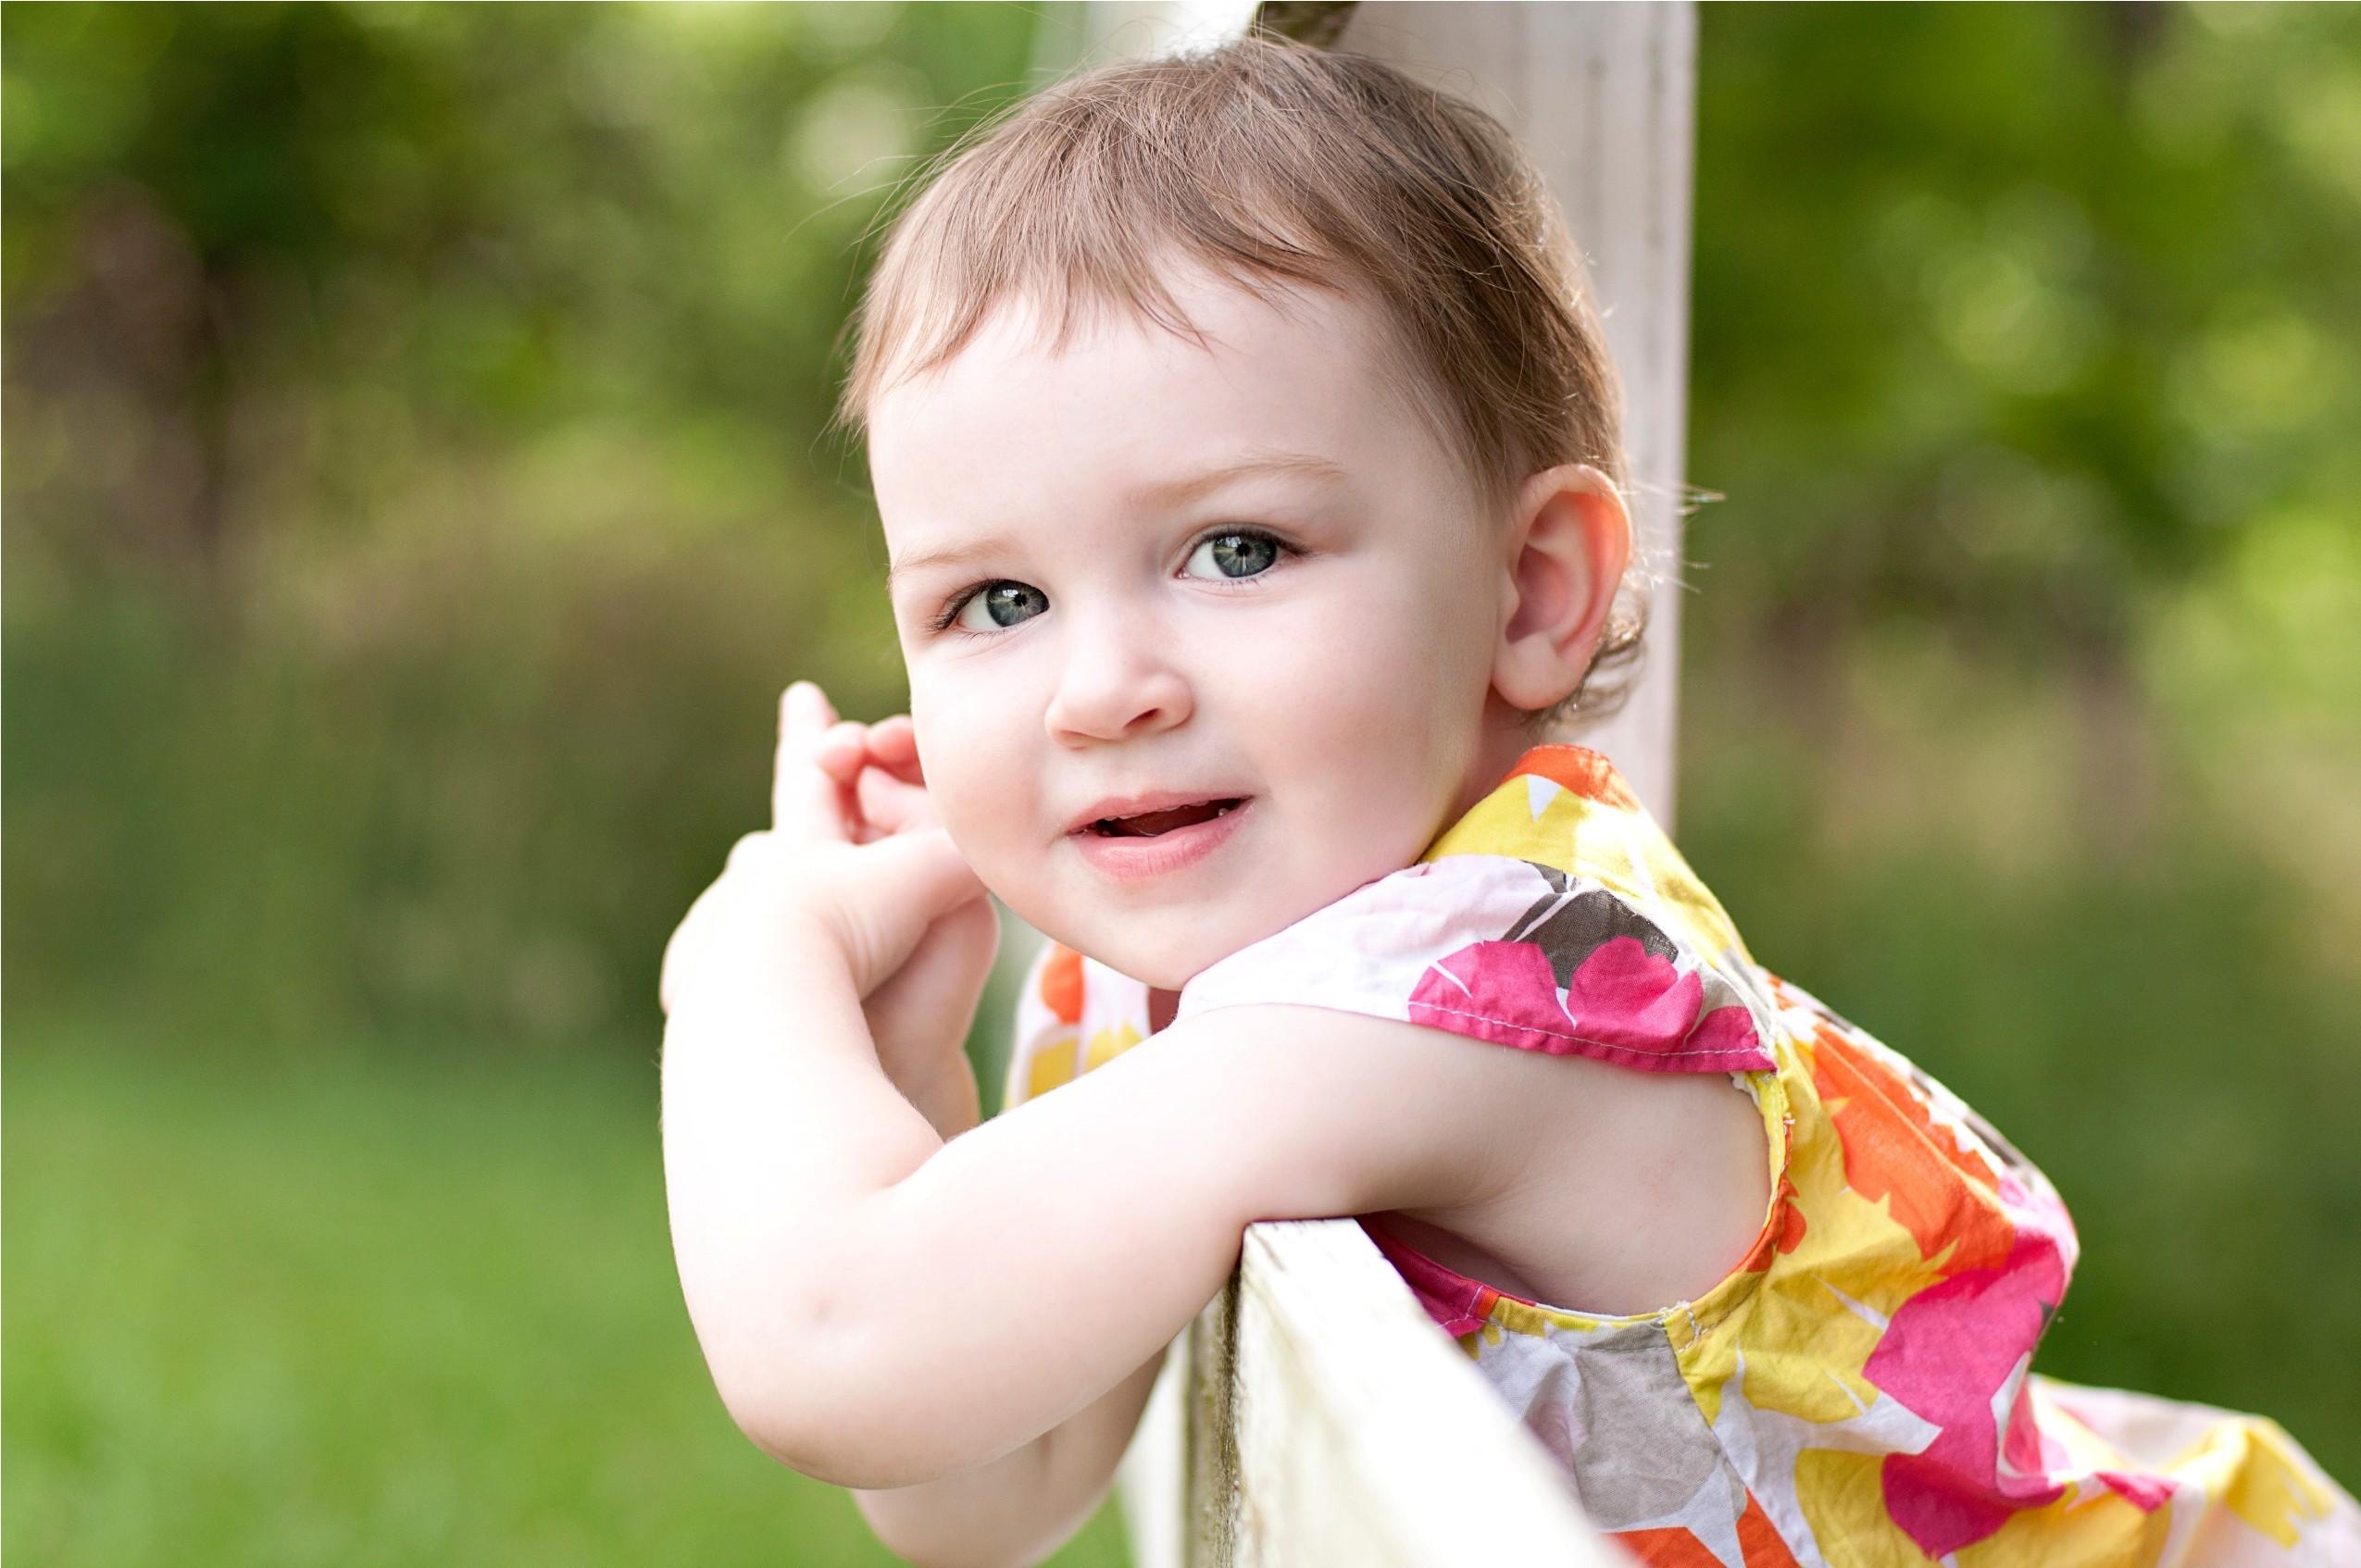 صور بنات صغار 2016 جميلة ورقيقة احلي بنات صغيرة   سوبر كايرو